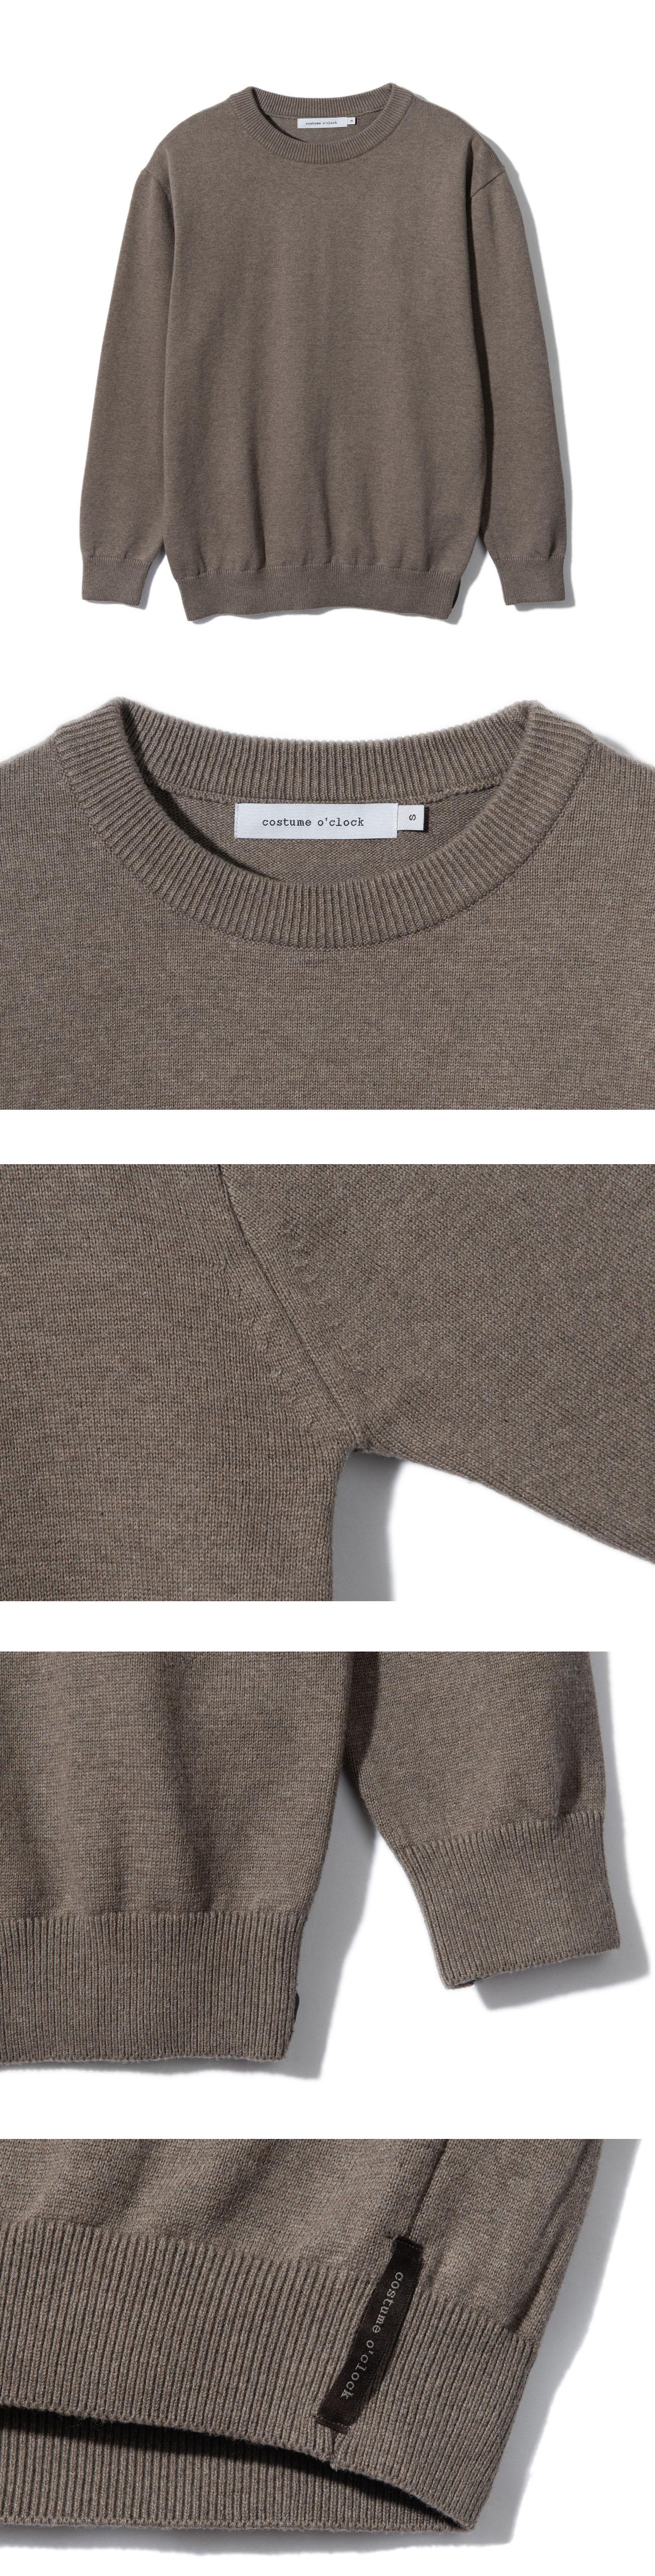 커스텀어클락(COSTUME O'CLOCK) 소프트 코튼 크루넥 니트 빈티지브라운